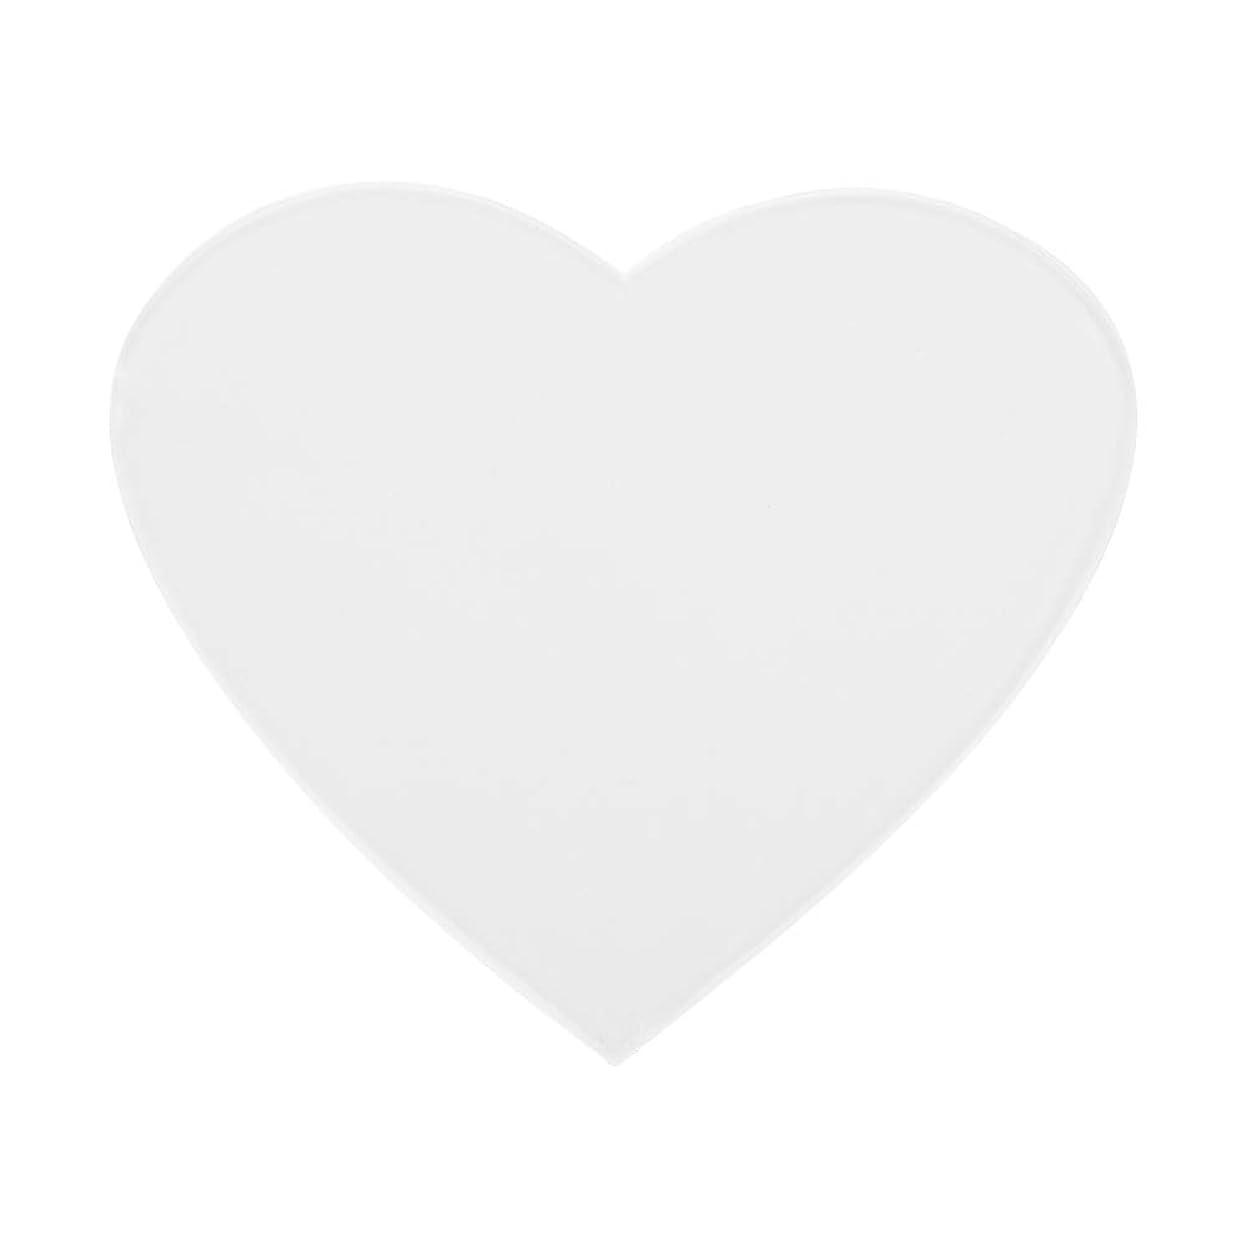 ベルピストン記者アンチリンクルシリコンチェストパッドケア再利用可能パッド(心臓)